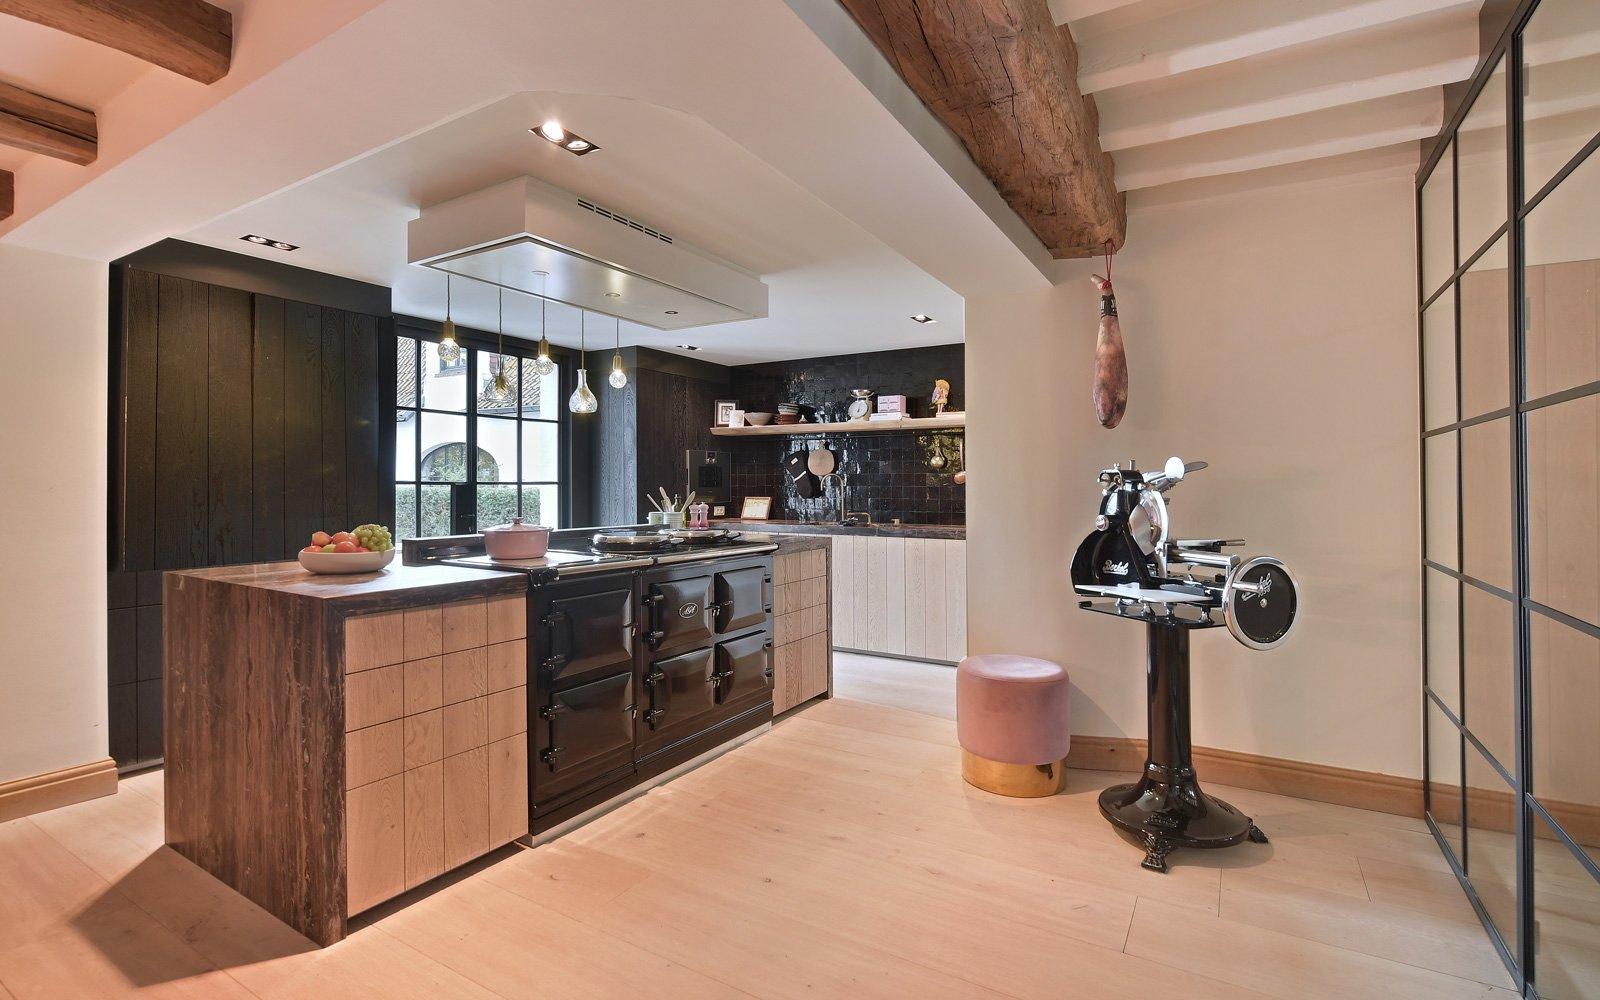 Keuken, Bulthaup, Ligna Recta, ruimtelijk, kookeiland, afzuigkap, landelijk, strak, Jurgen Weyne